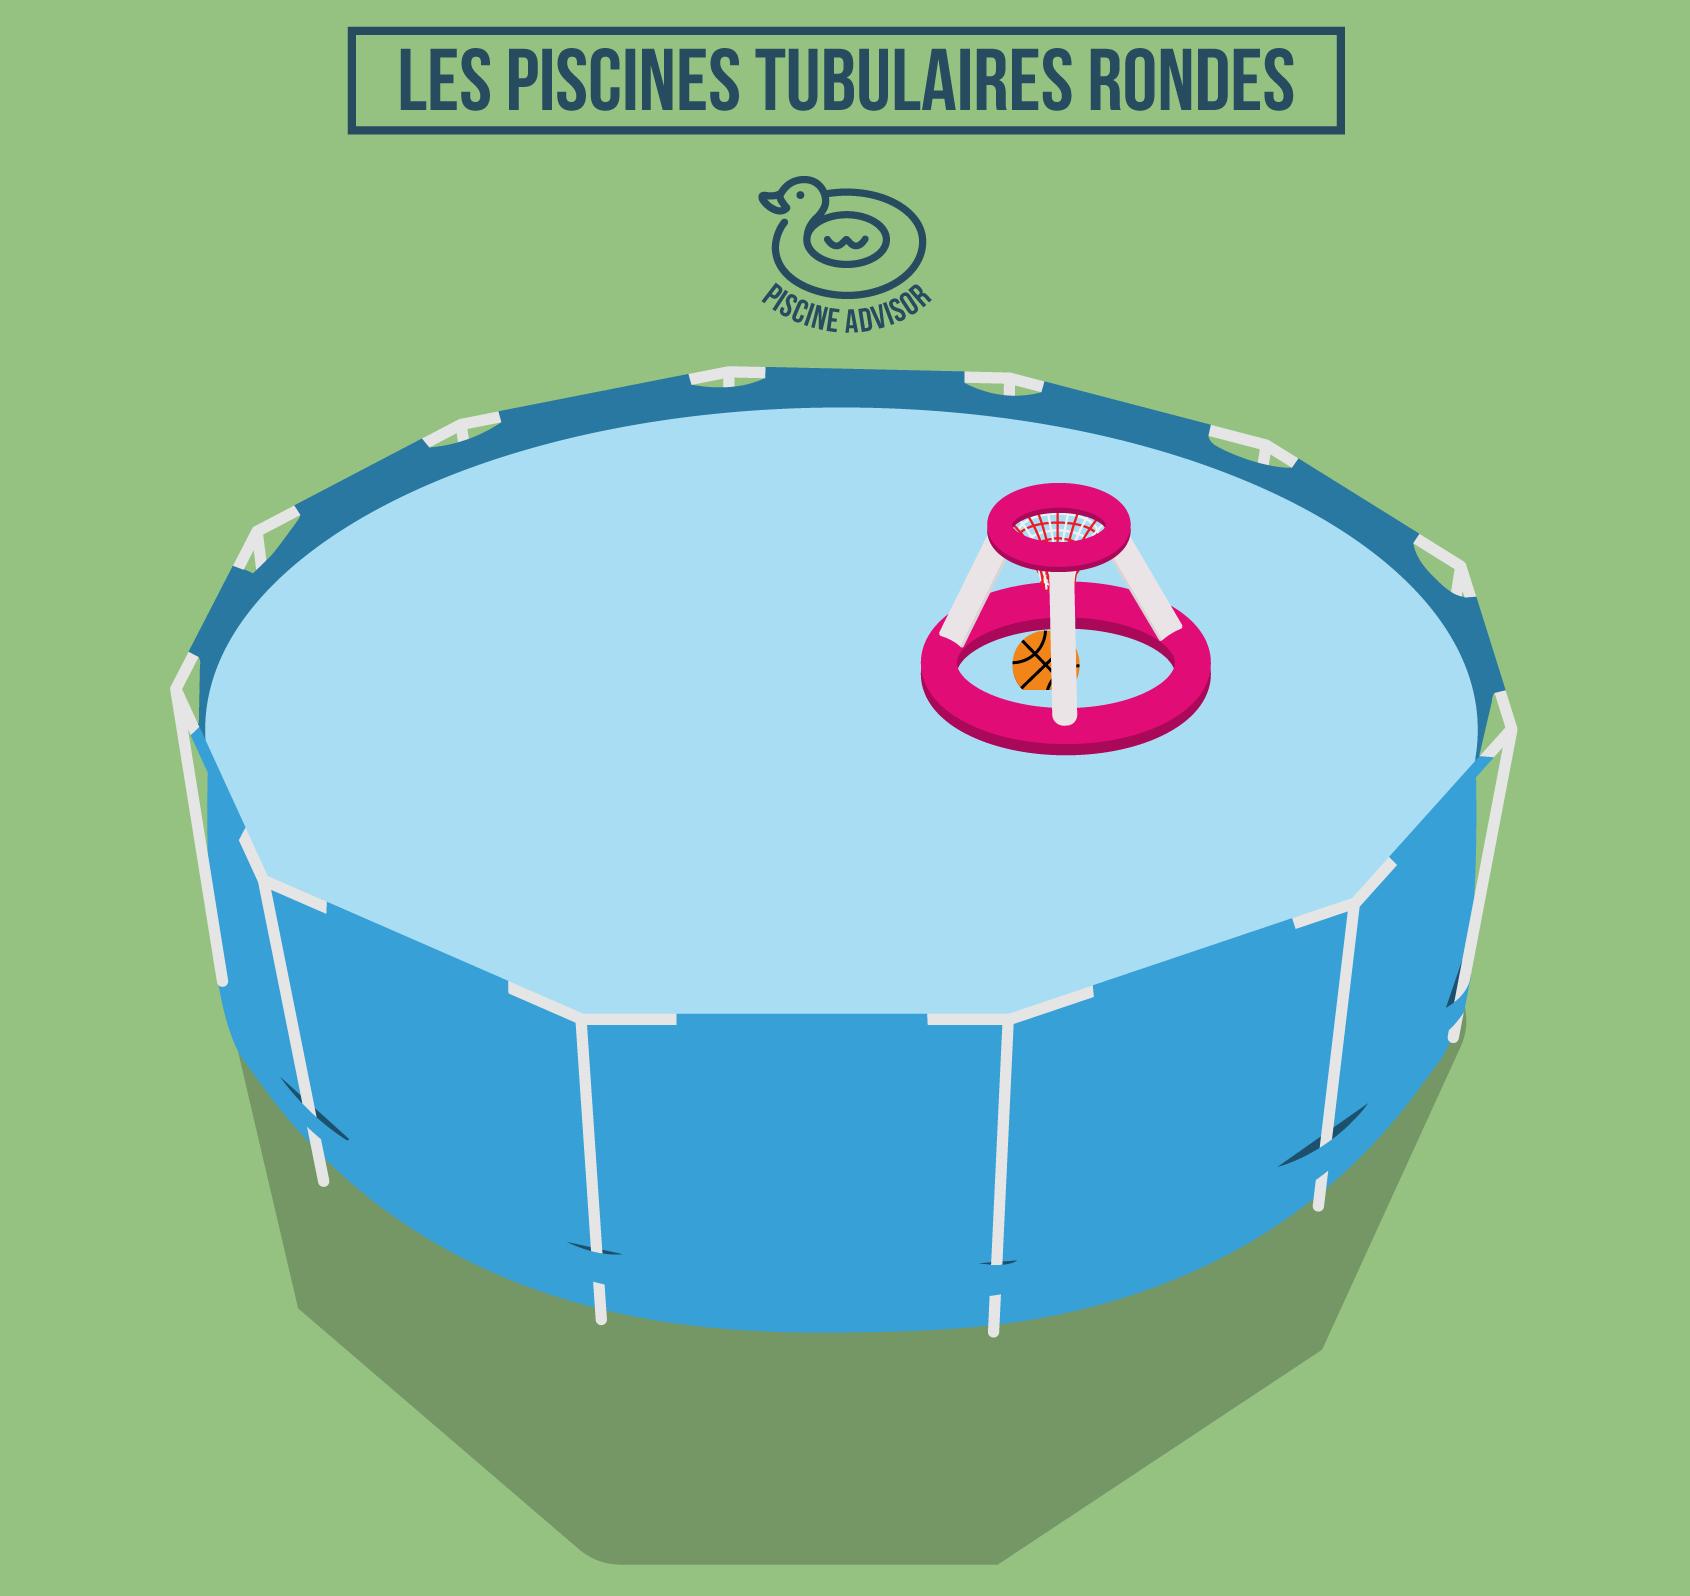 Piscine Tubulaire Ronde : Les 8 Meilleurs Modèles - Piscine ... serapportantà Piscine Tubulaire Intex Ronde